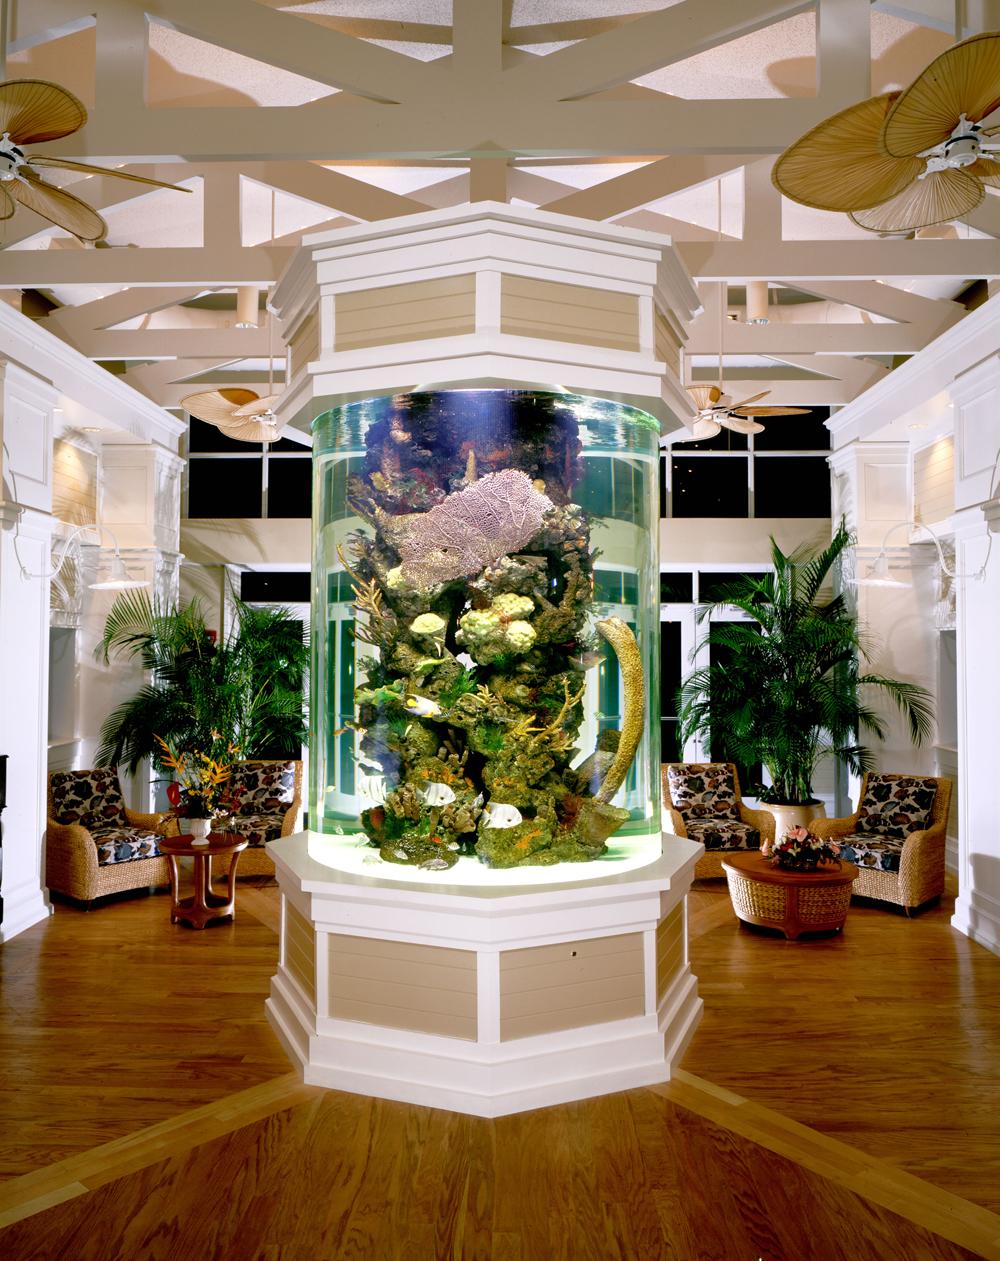 aquarium-company-that-designs-service-supplies-aquariums-and